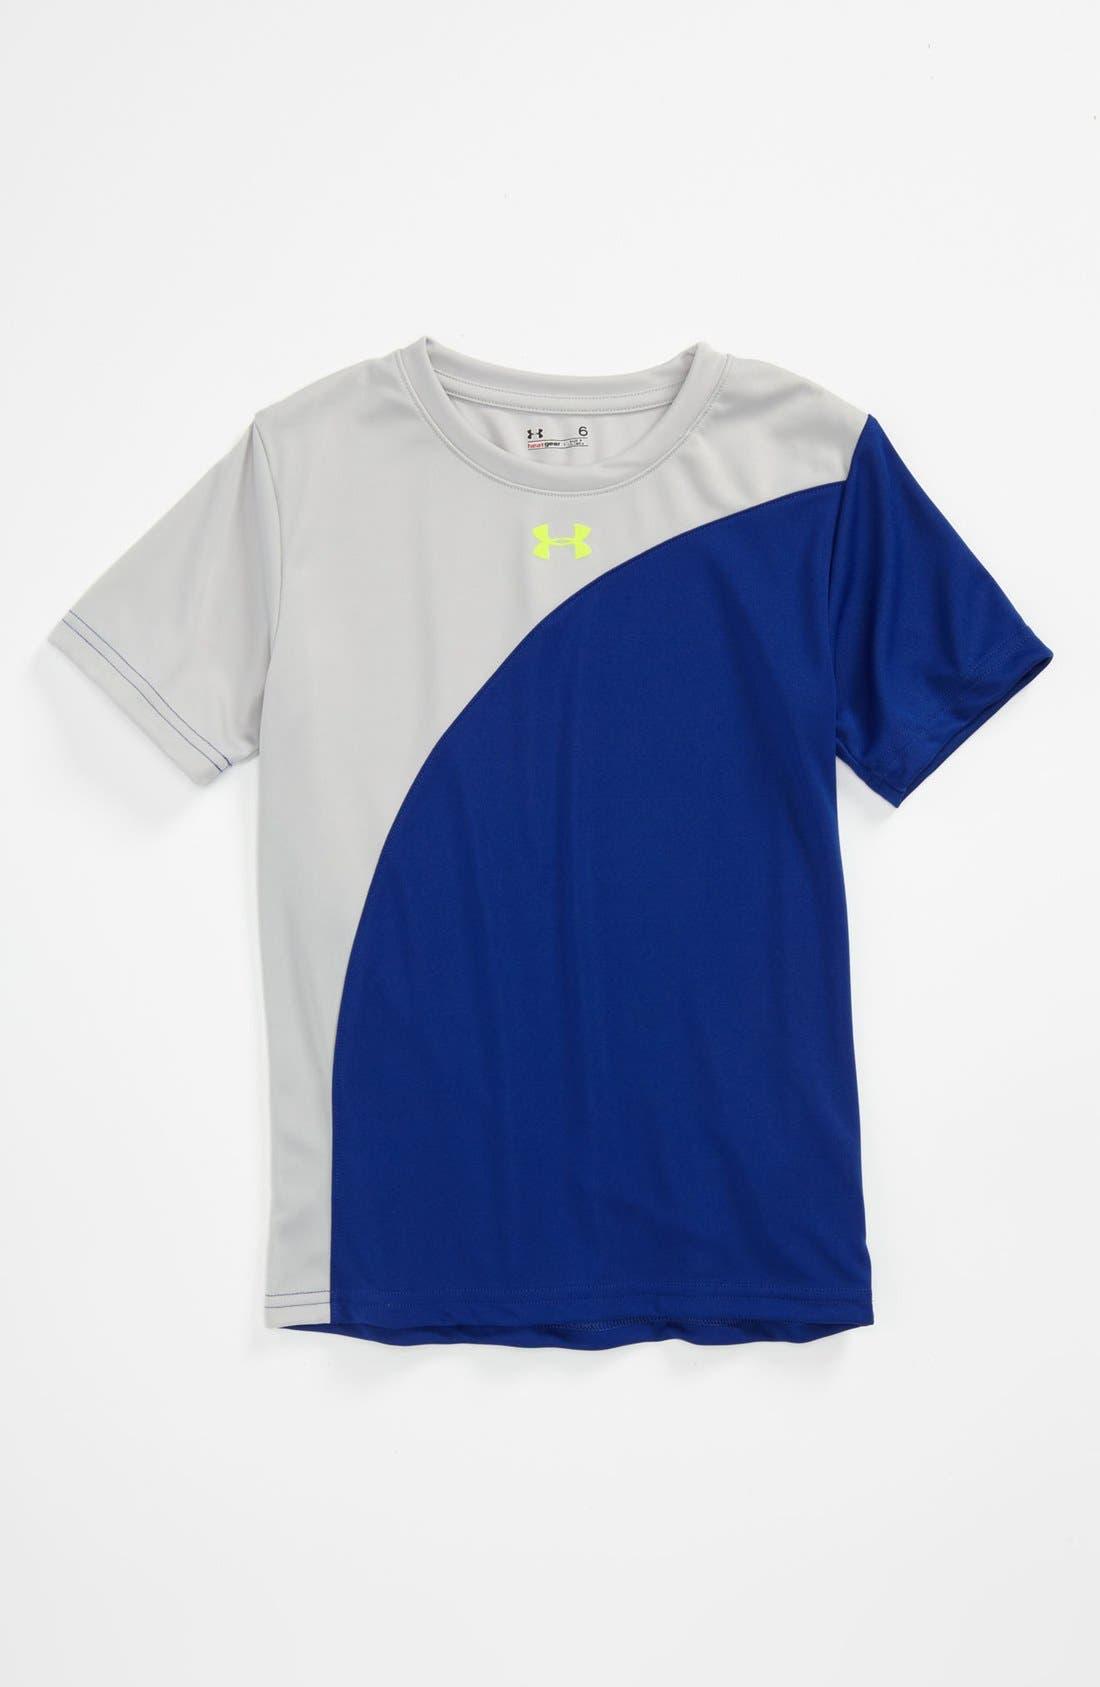 Main Image - Under Armour 'Flip' HeatGear® T-Shirt (Little Boys)